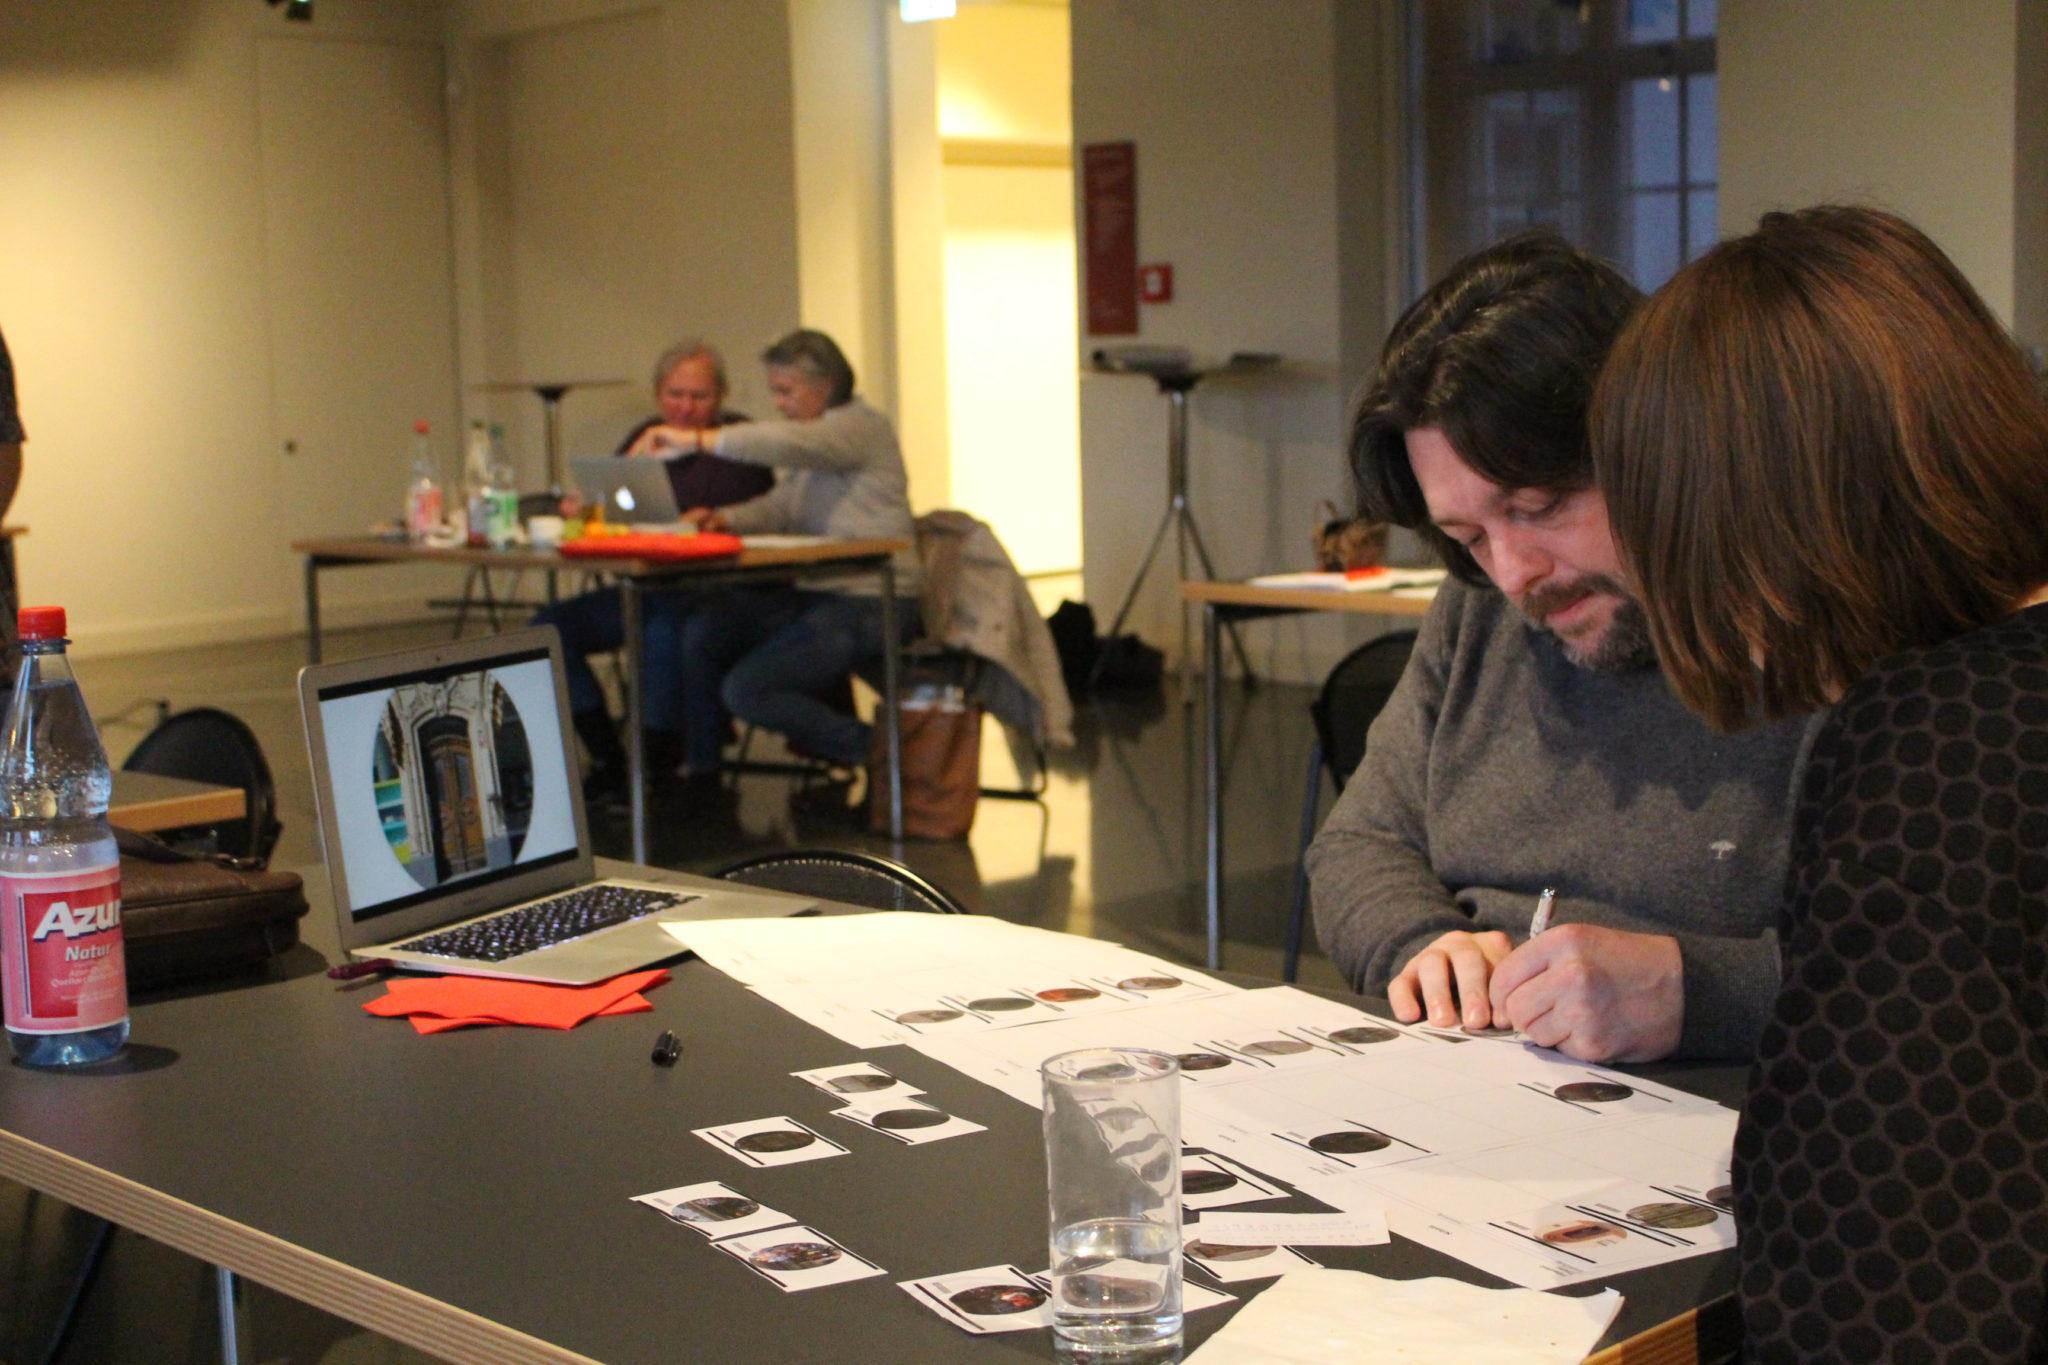 Stadtlaboranten/innen prepare their editind concept at editing workshop